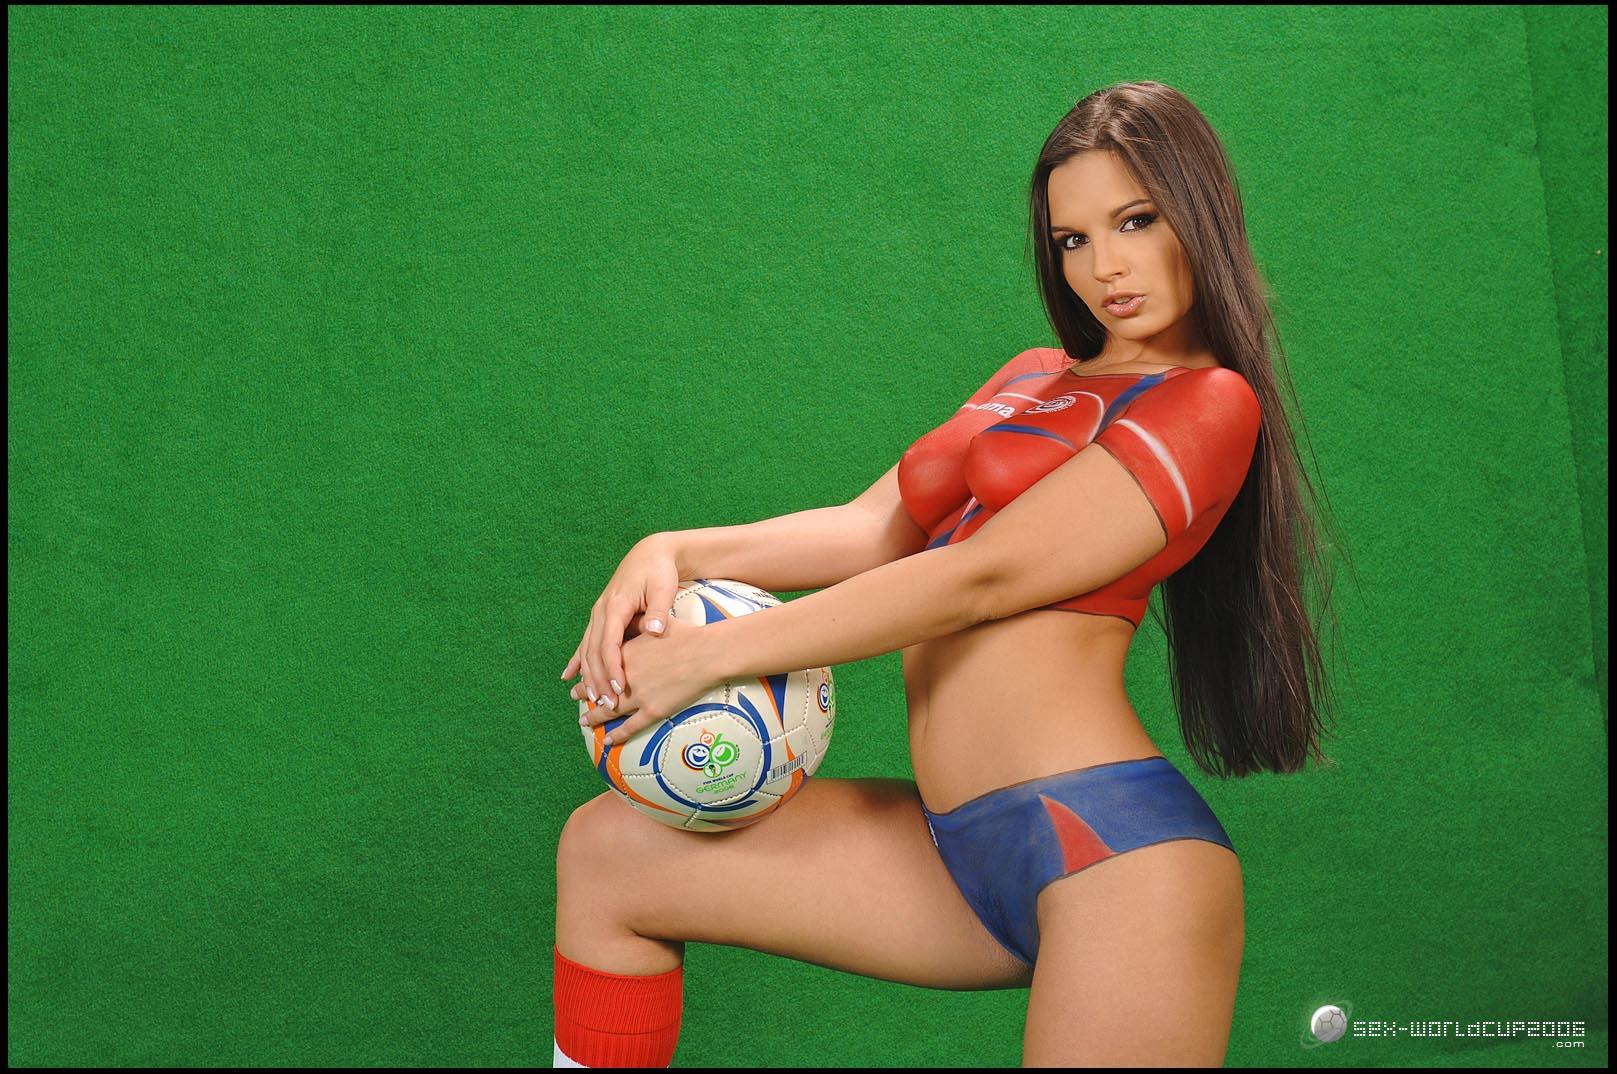 Девушка и футбольный мяч, футбол, фото, обои для рабочего стола